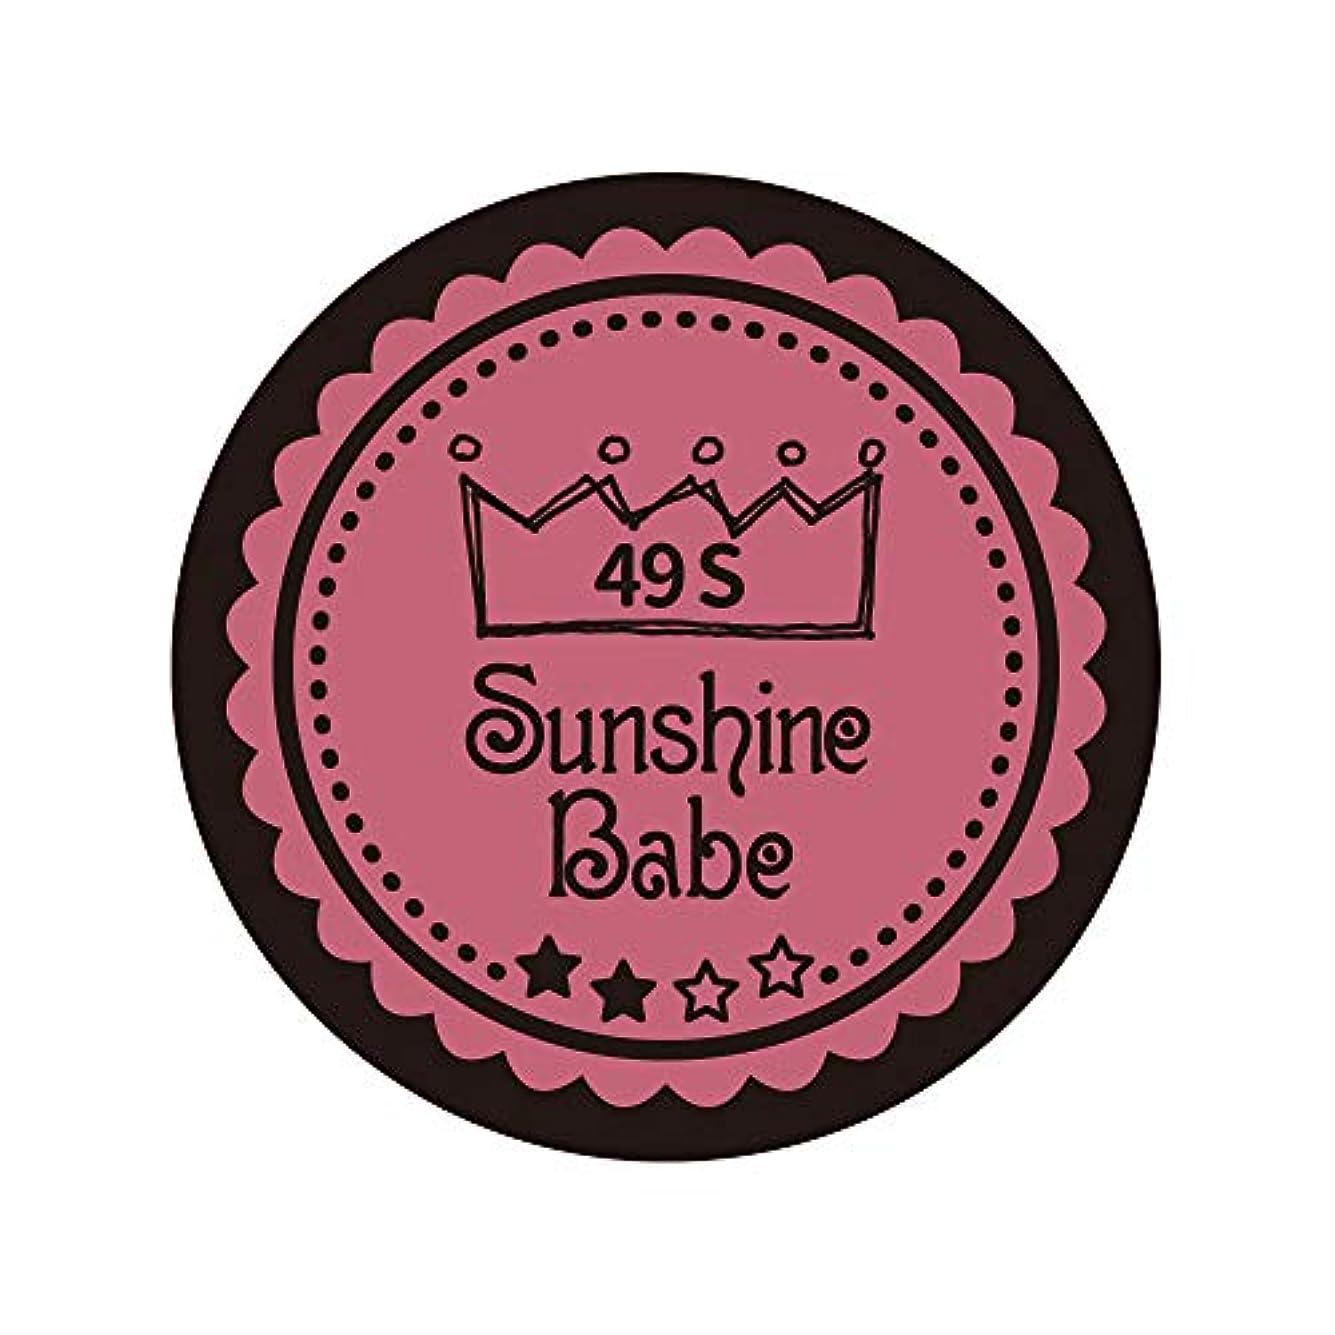 無視できる馬鹿げたおびえたSunshine Babe カラージェル 49S カシミアピンク 2.7g UV/LED対応